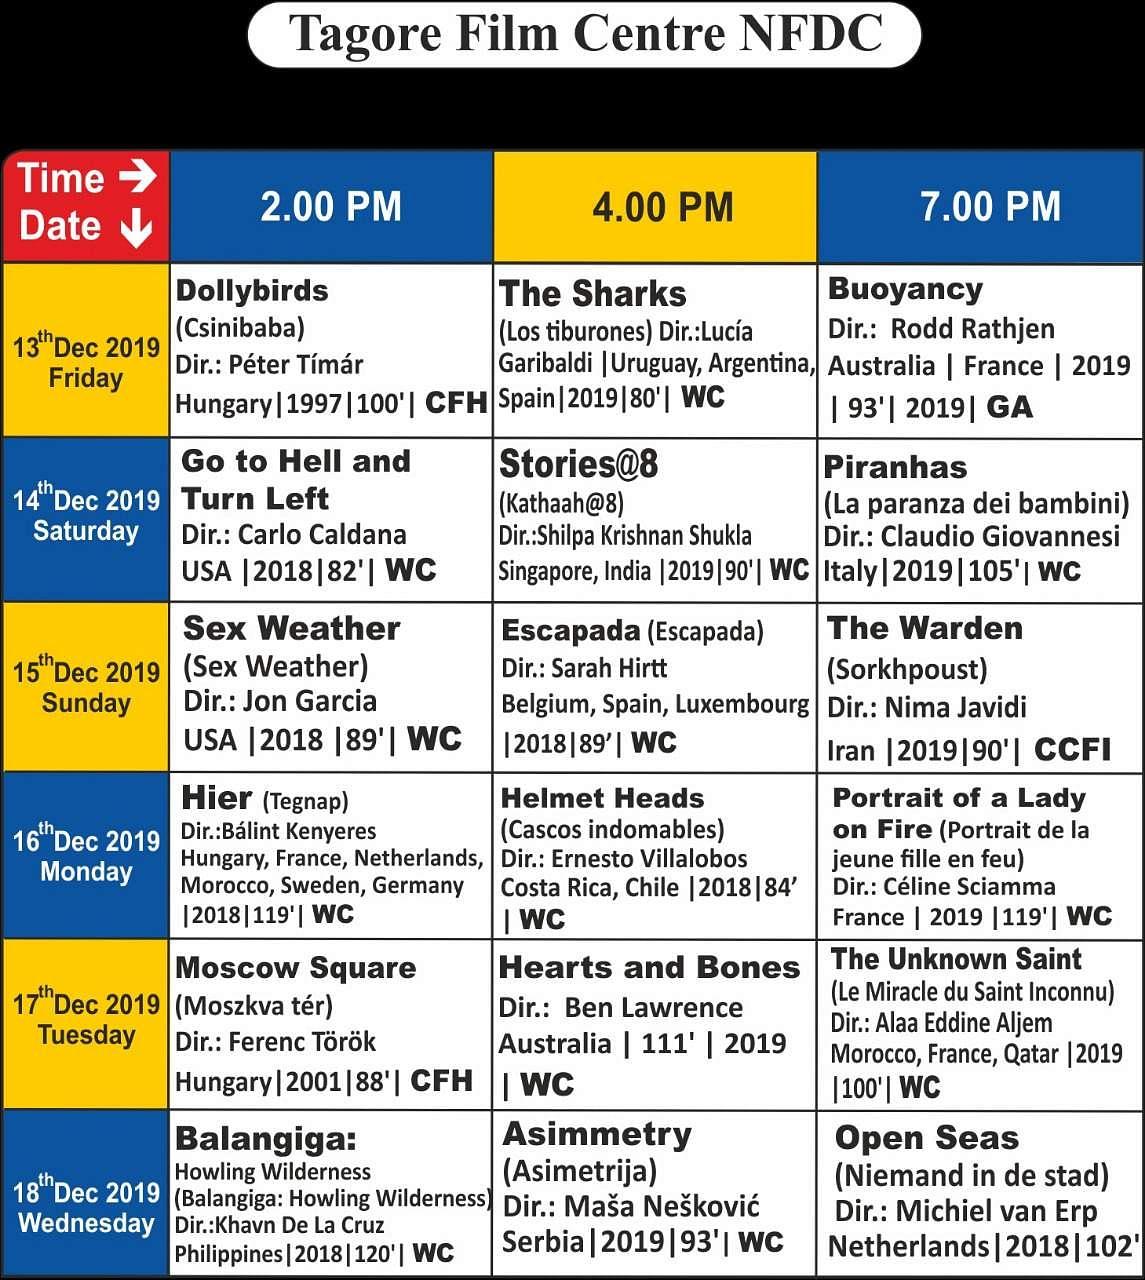 சென்னை சா்வதேச திரைப்பட விழாவில் திரையிடப்படும் படங்கள்: முழுப் பட்டியல்! Tagore_Screening_Details_(2)